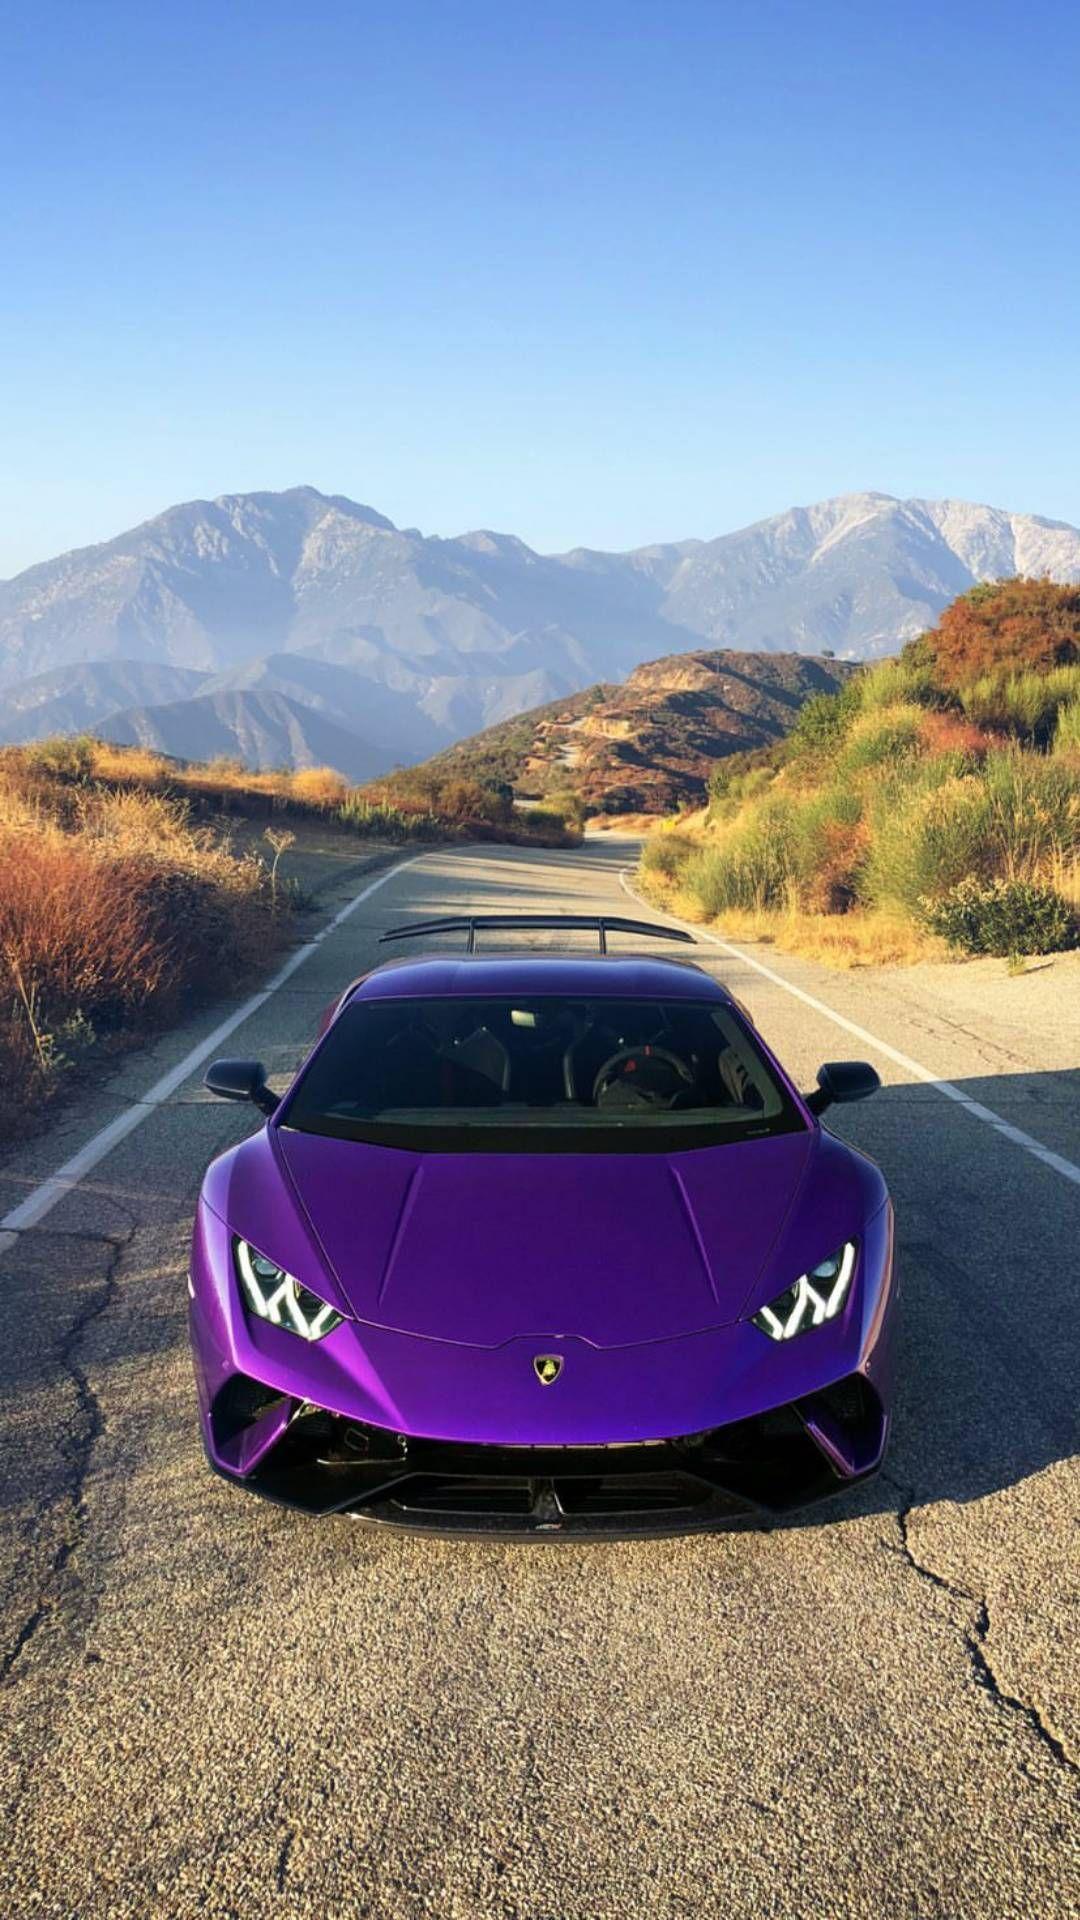 Purple Lamborghini Car : purple, lamborghini, Purple, Lambo, Wallpapers, Wallpaper